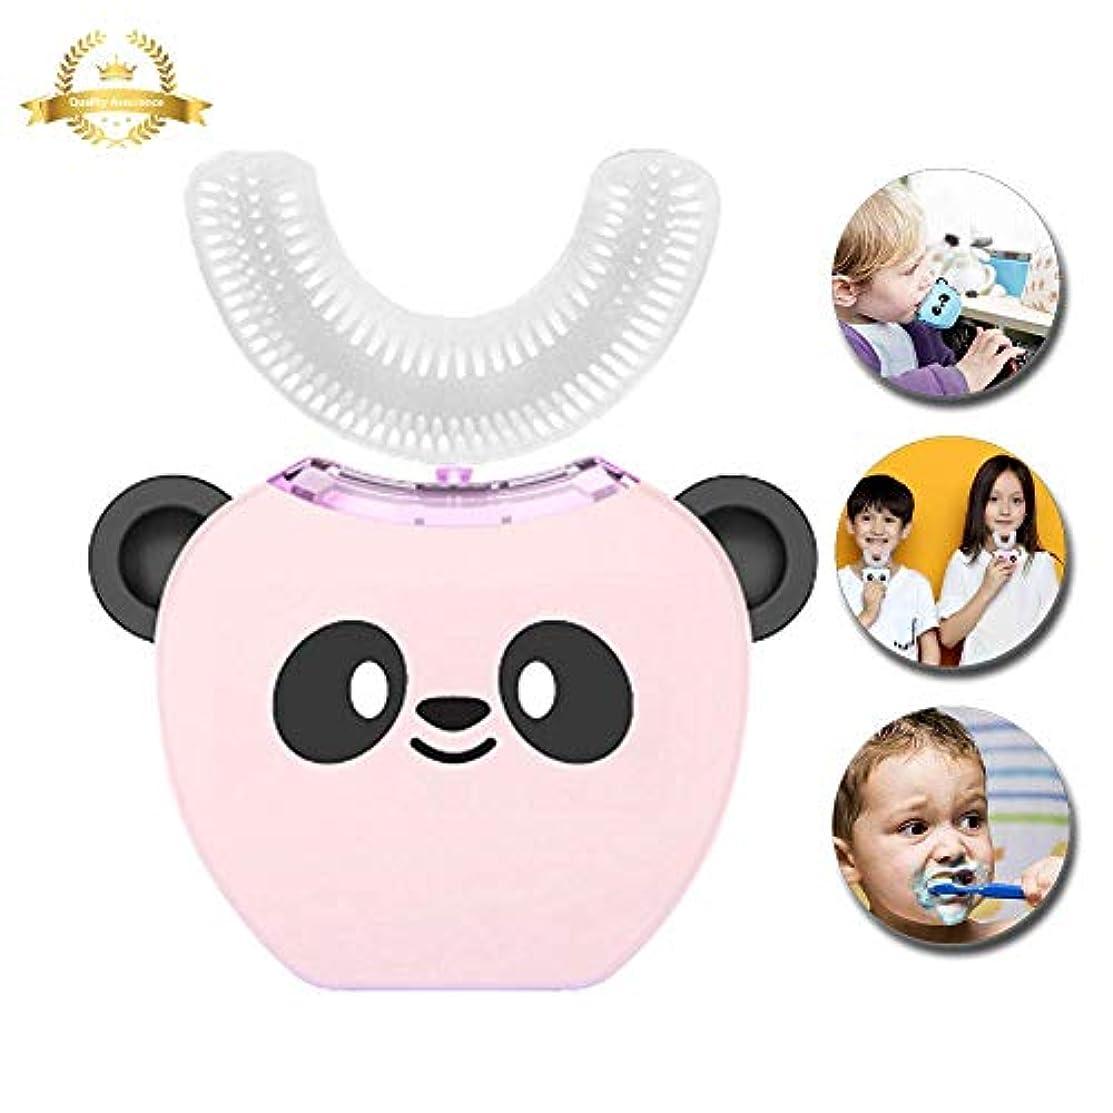 サンダル戸棚適応的V-white 電動歯ブラシ こども用 超音波振動360°オールラウンドクリーニング、充電式 (ピンク)